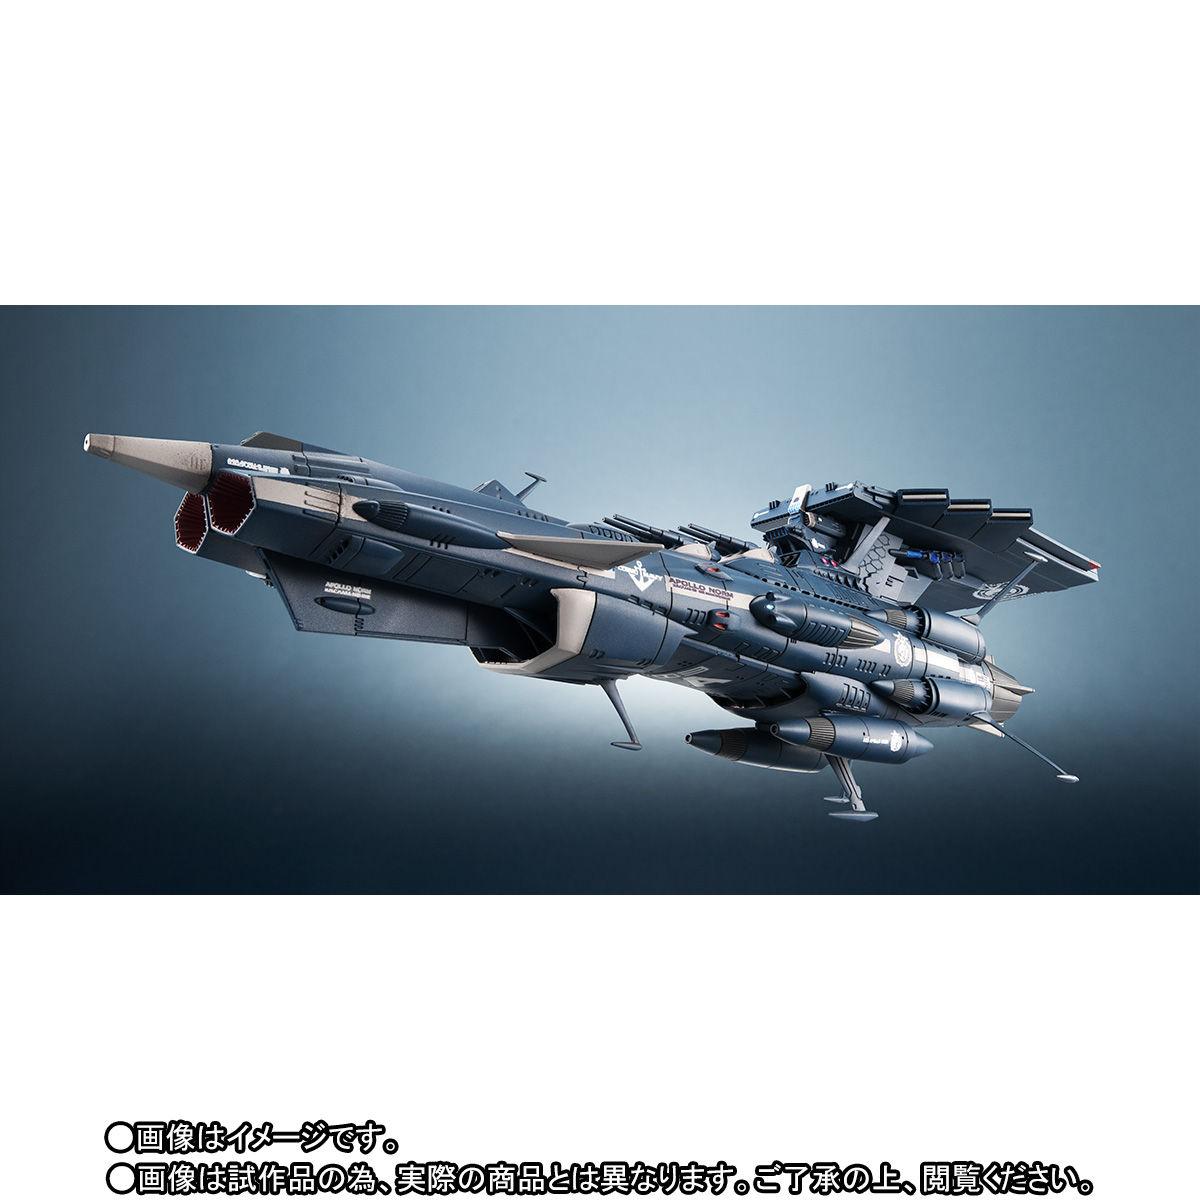 輝艦大全『地球連邦アンドロメダ級三番艦 アポロノーム|宇宙戦艦ヤマト2202』1/2000 完成品モデル-002